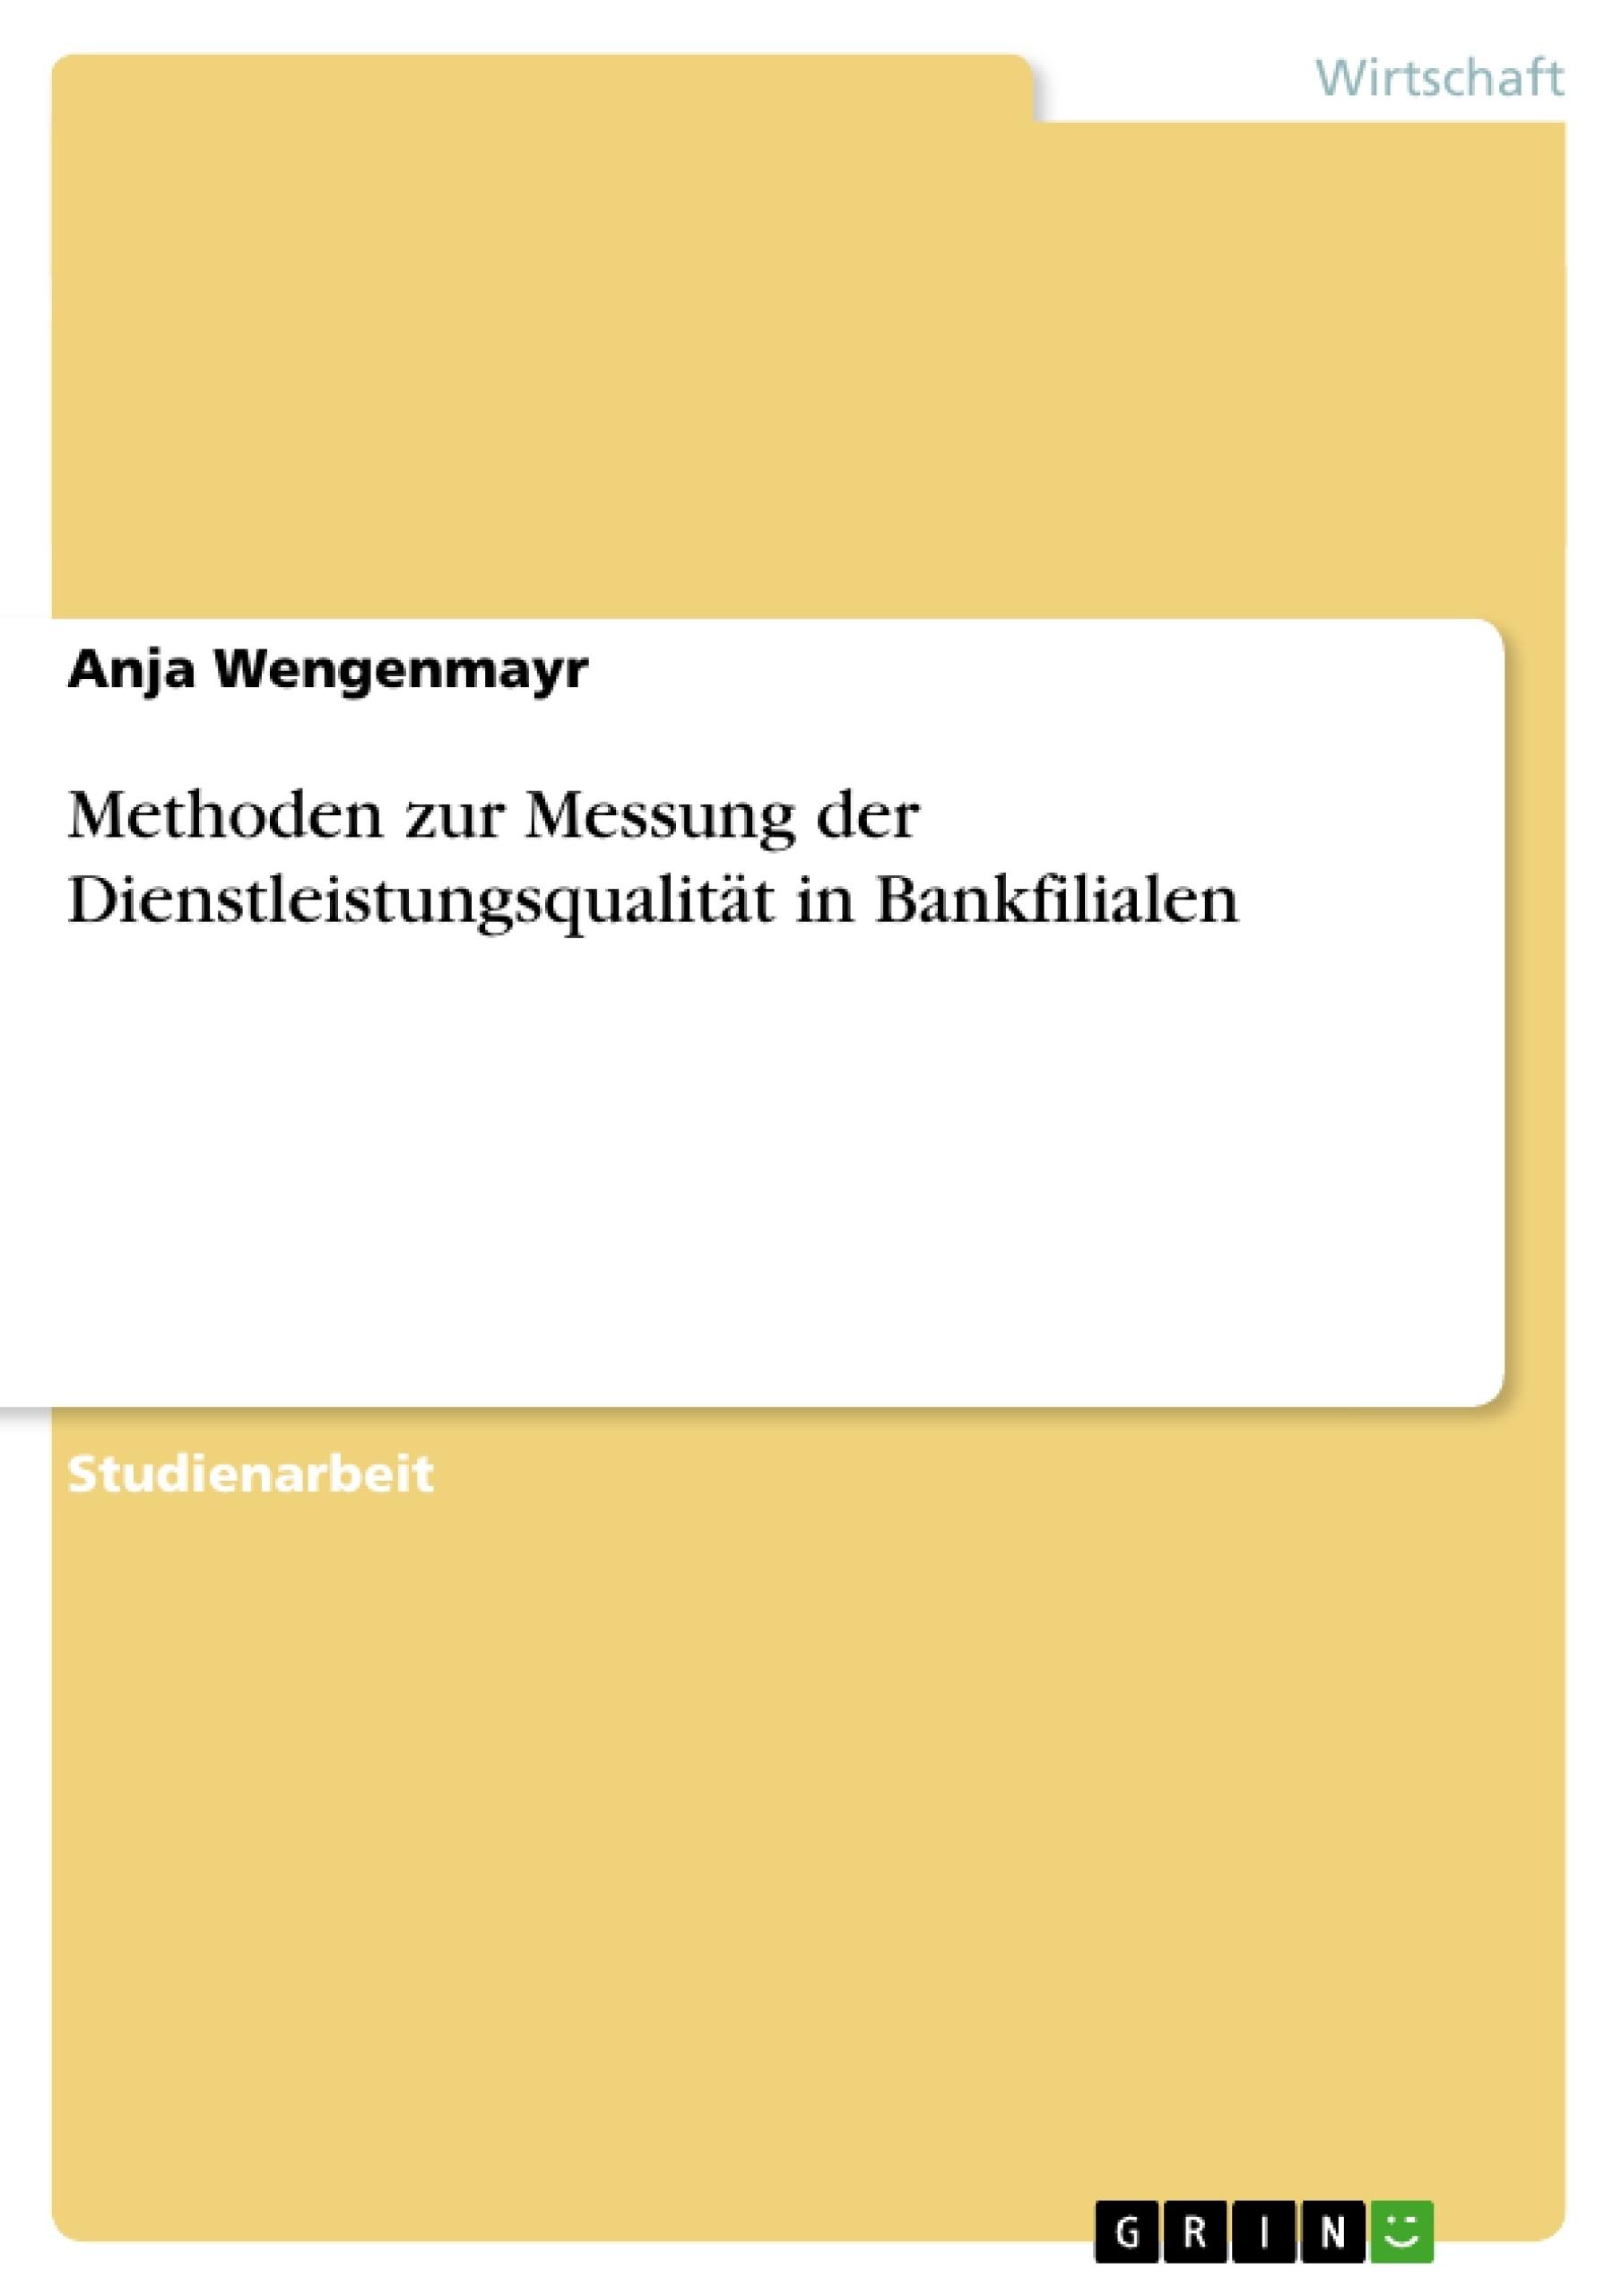 Titel: Methoden zur Messung der Dienstleistungsqualität in Bankfilialen